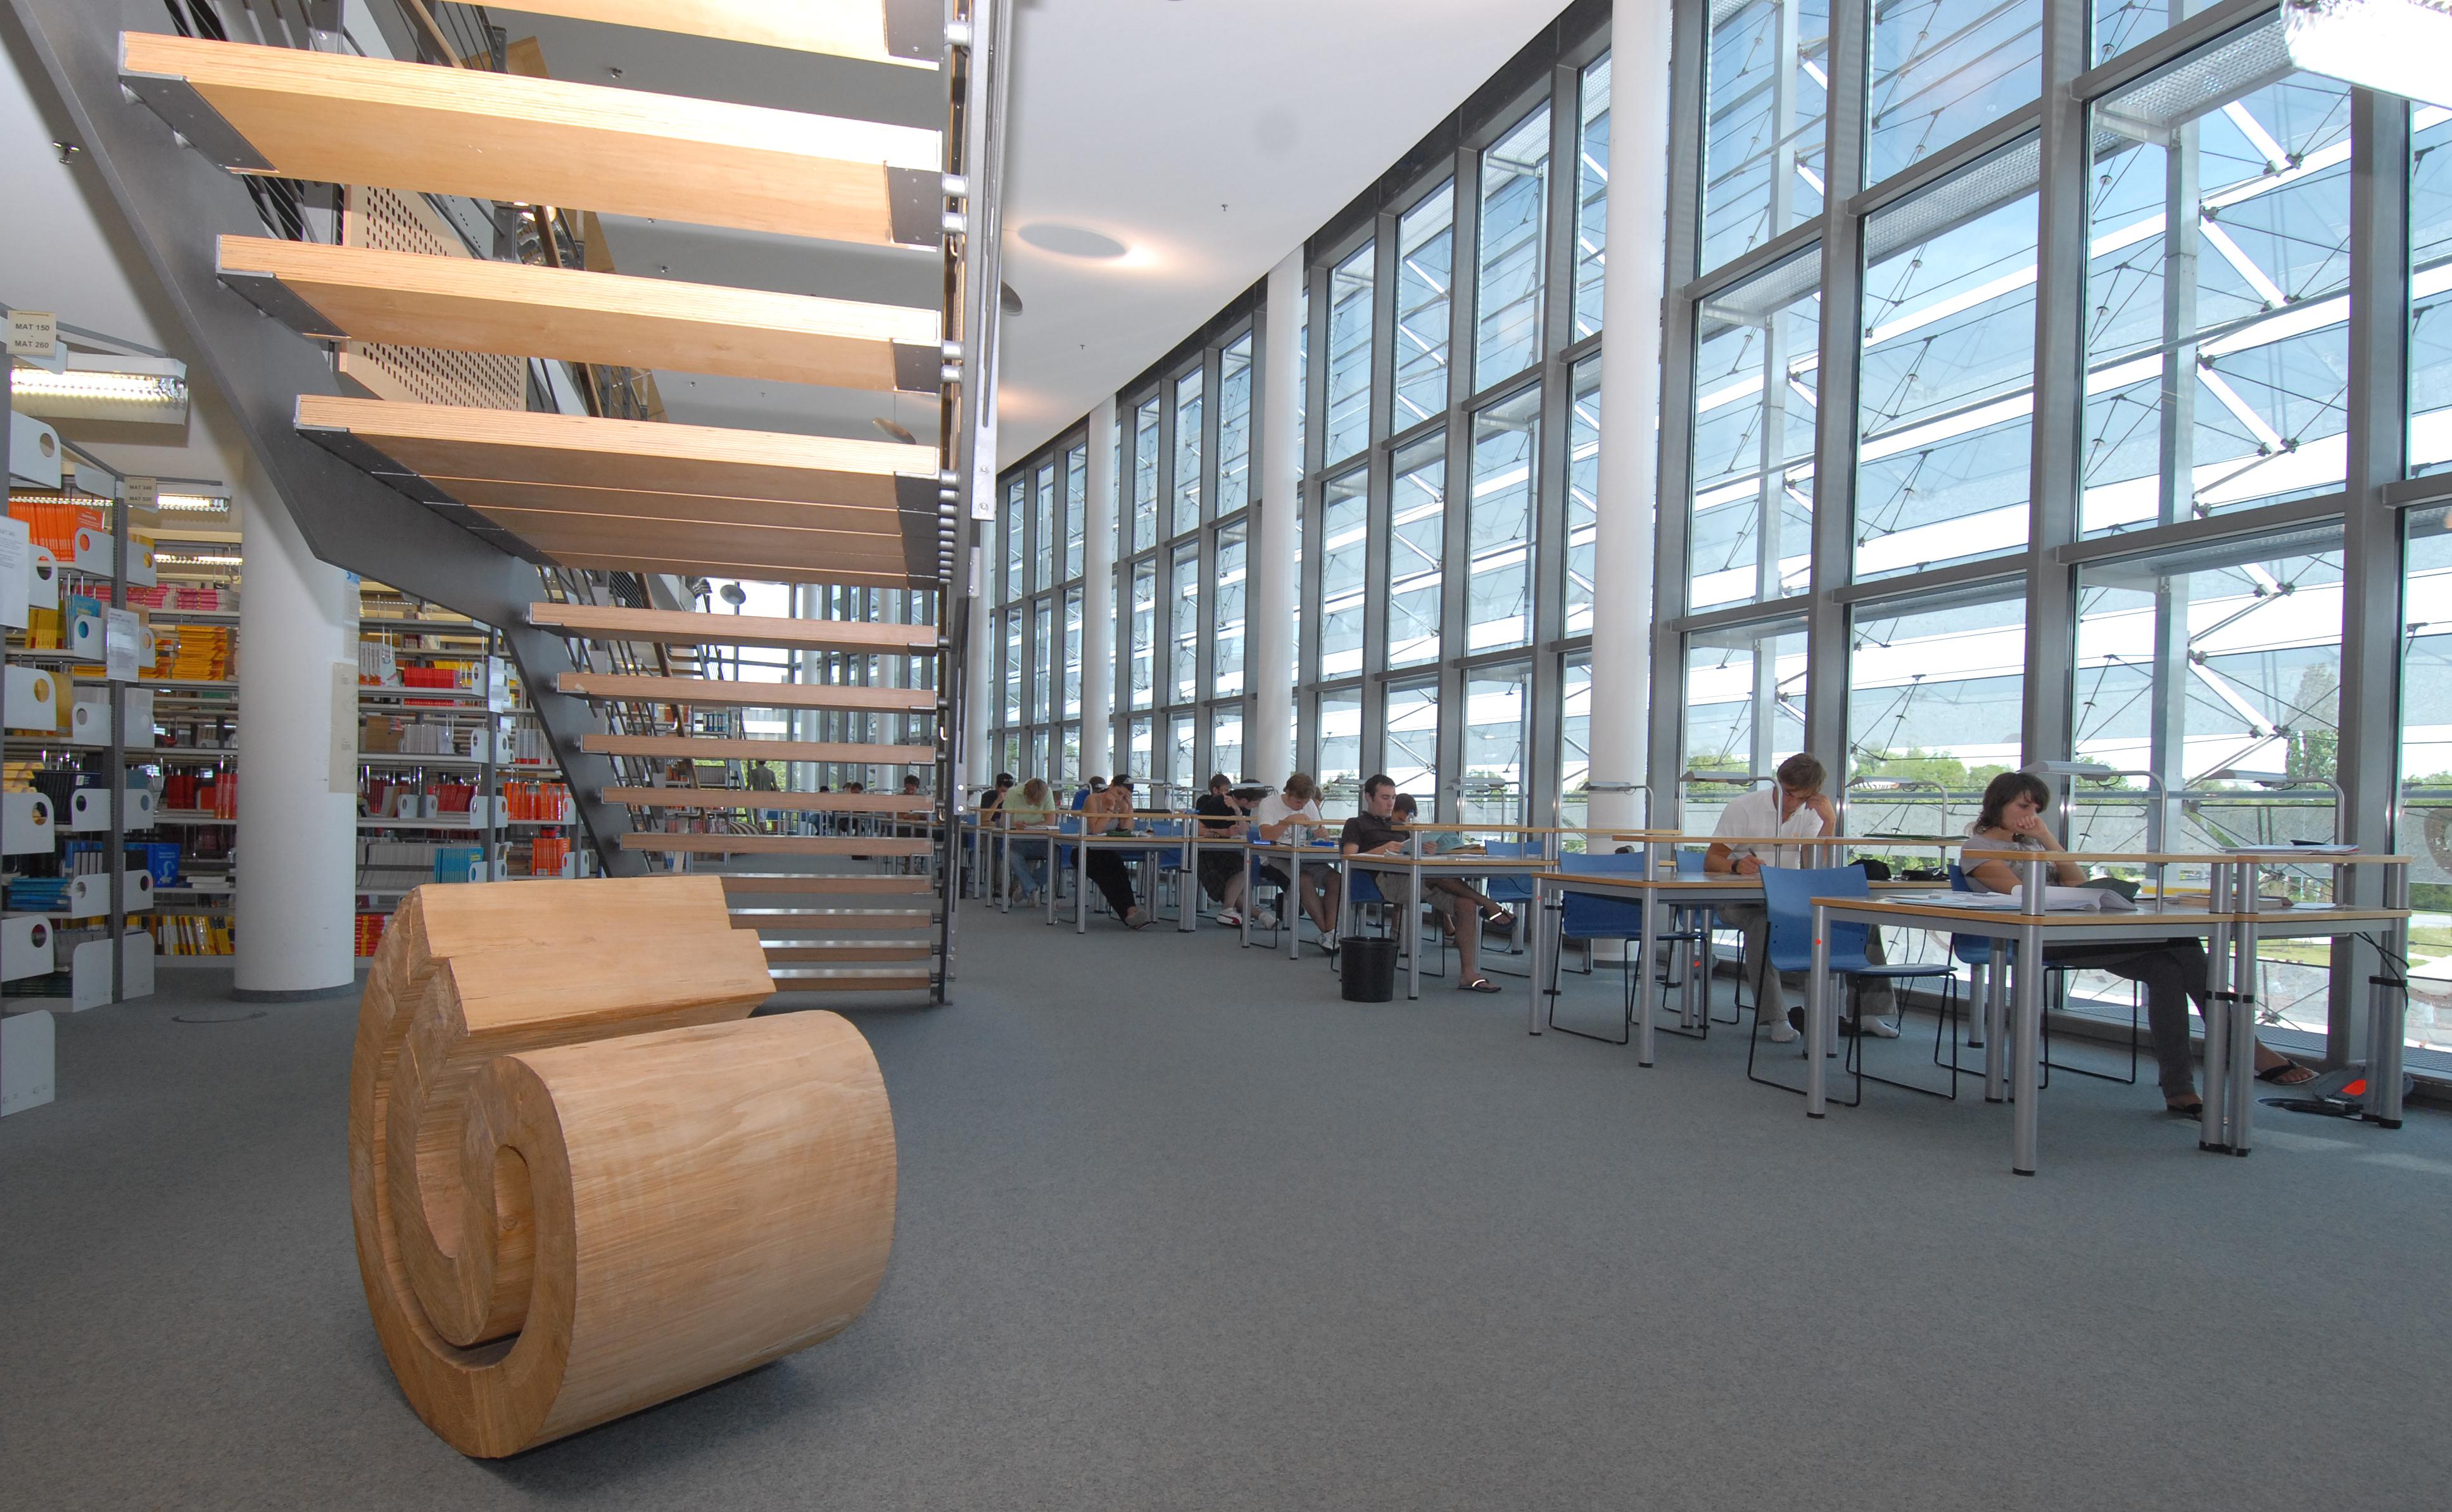 Universitätsbibliothek München